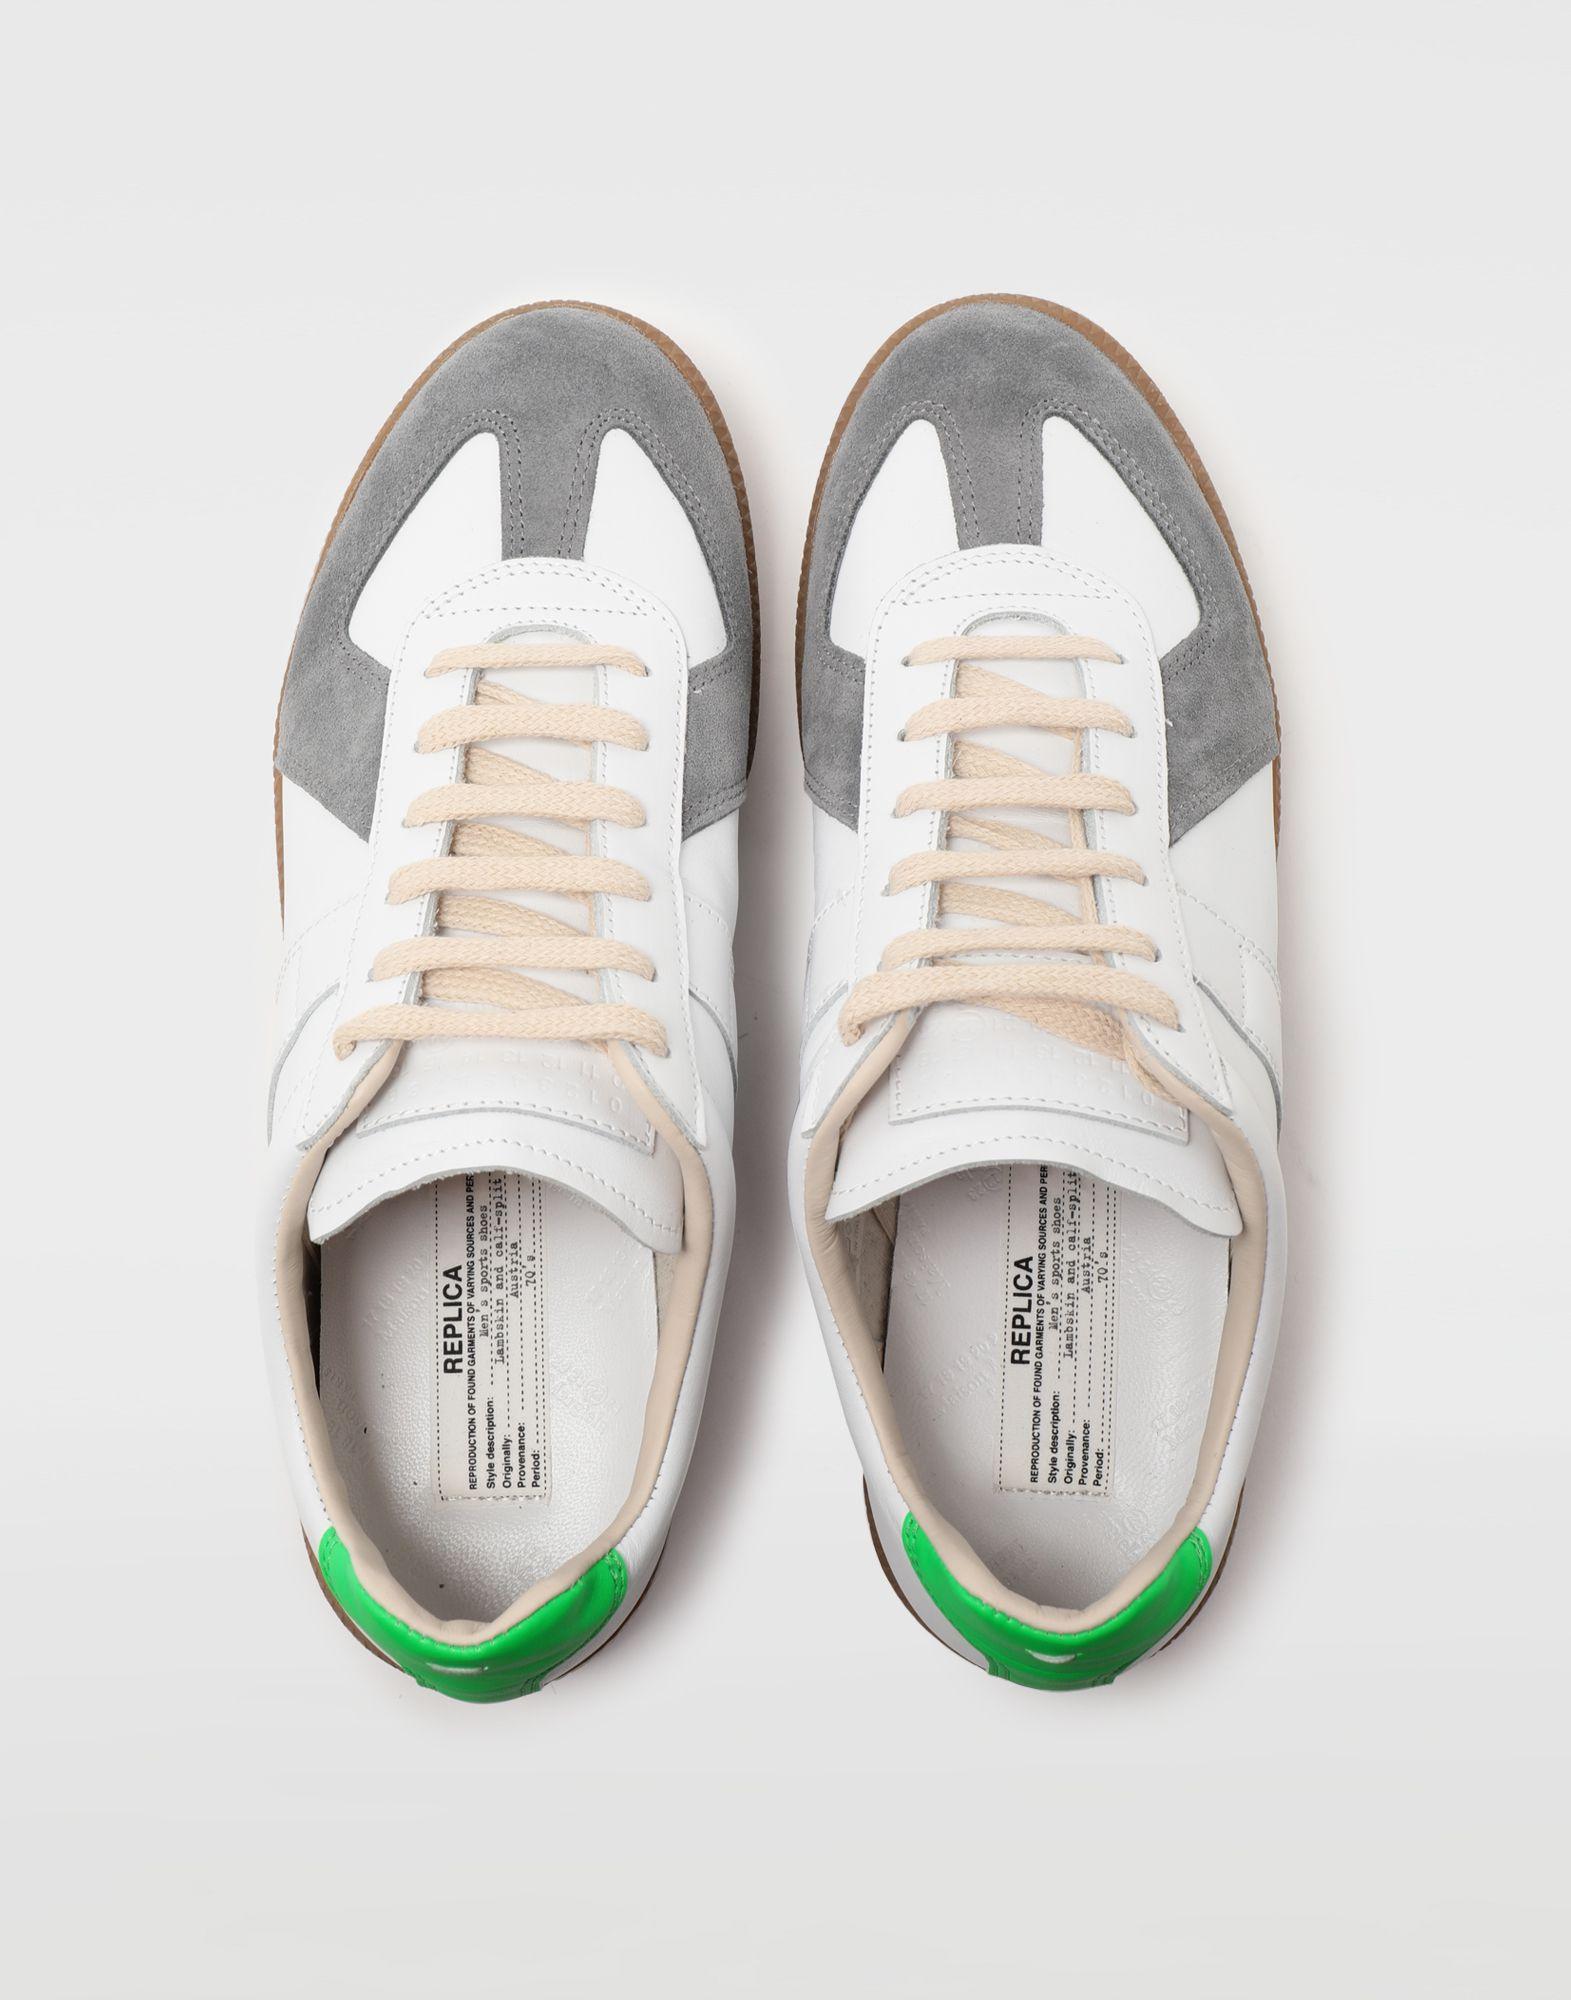 MAISON MARGIELA Low-Top-Sneakers Replica Sneakers Herren d